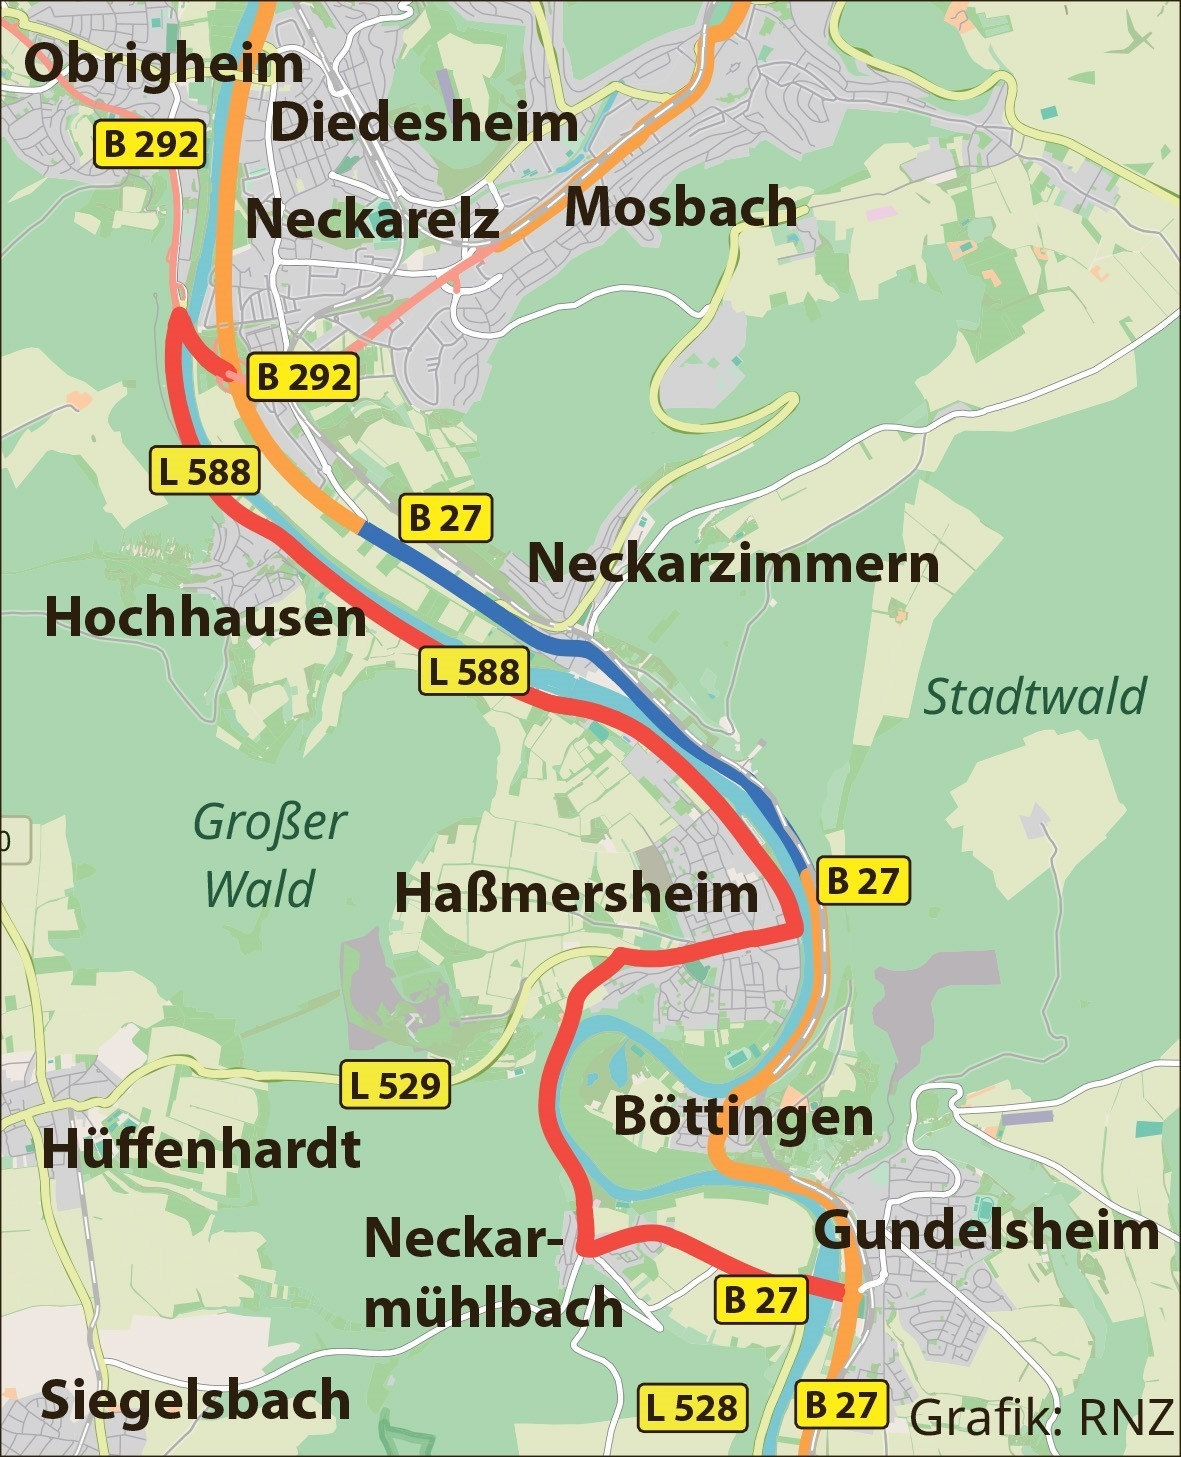 Bundesstraße 27 zwischen Neckarzimmern und Mosbach vorübergehend gesperrt